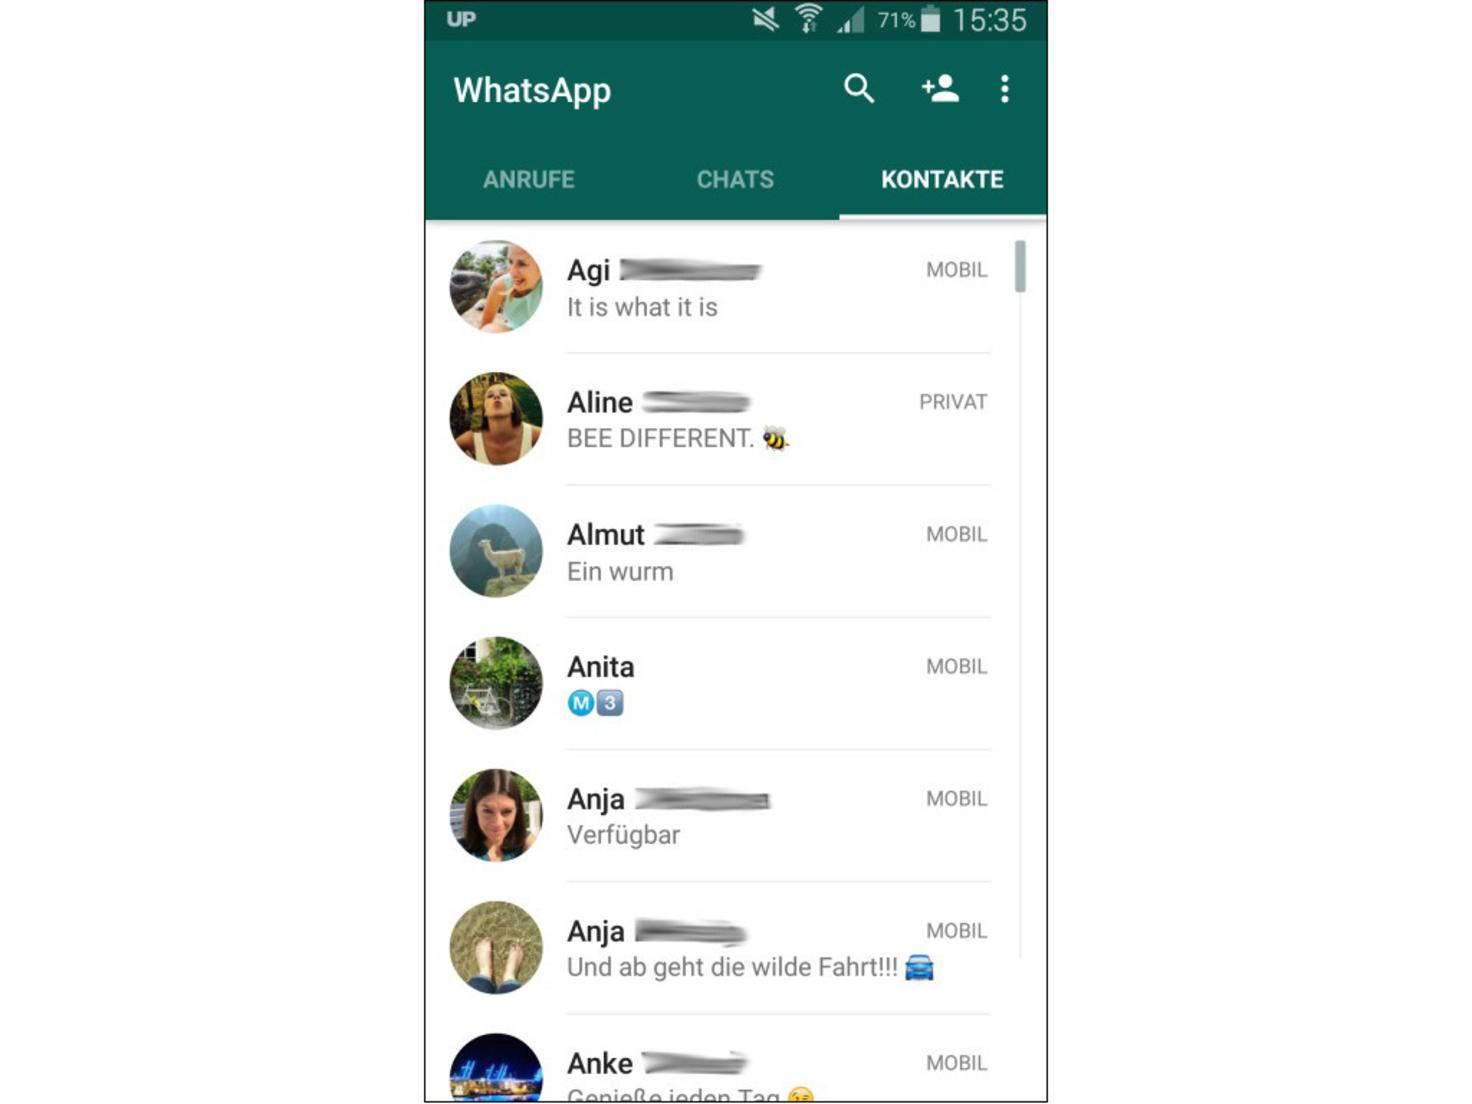 Profilbild Bearbeiten Für Whatsapp 5 Tipps Tricks Ideen